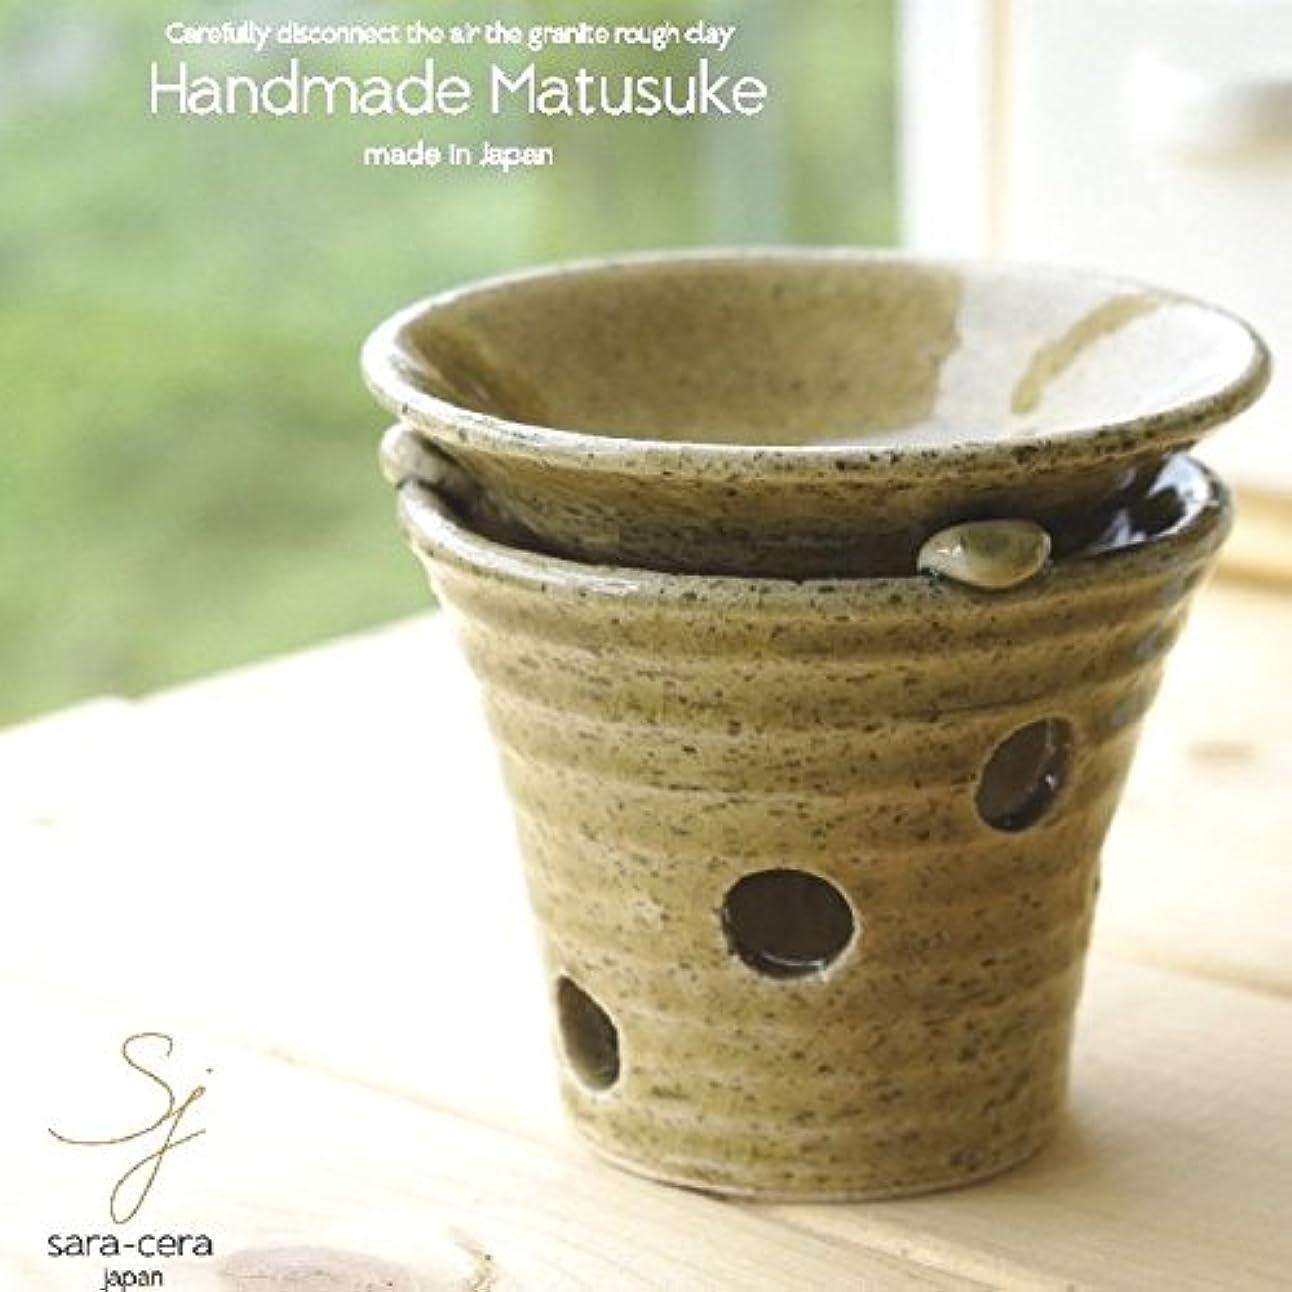 母音酸素意気消沈した松助窯 手作り茶香炉セット 灰釉ビードロ アロマ 和風 陶器 手づくり 日本製 美濃焼